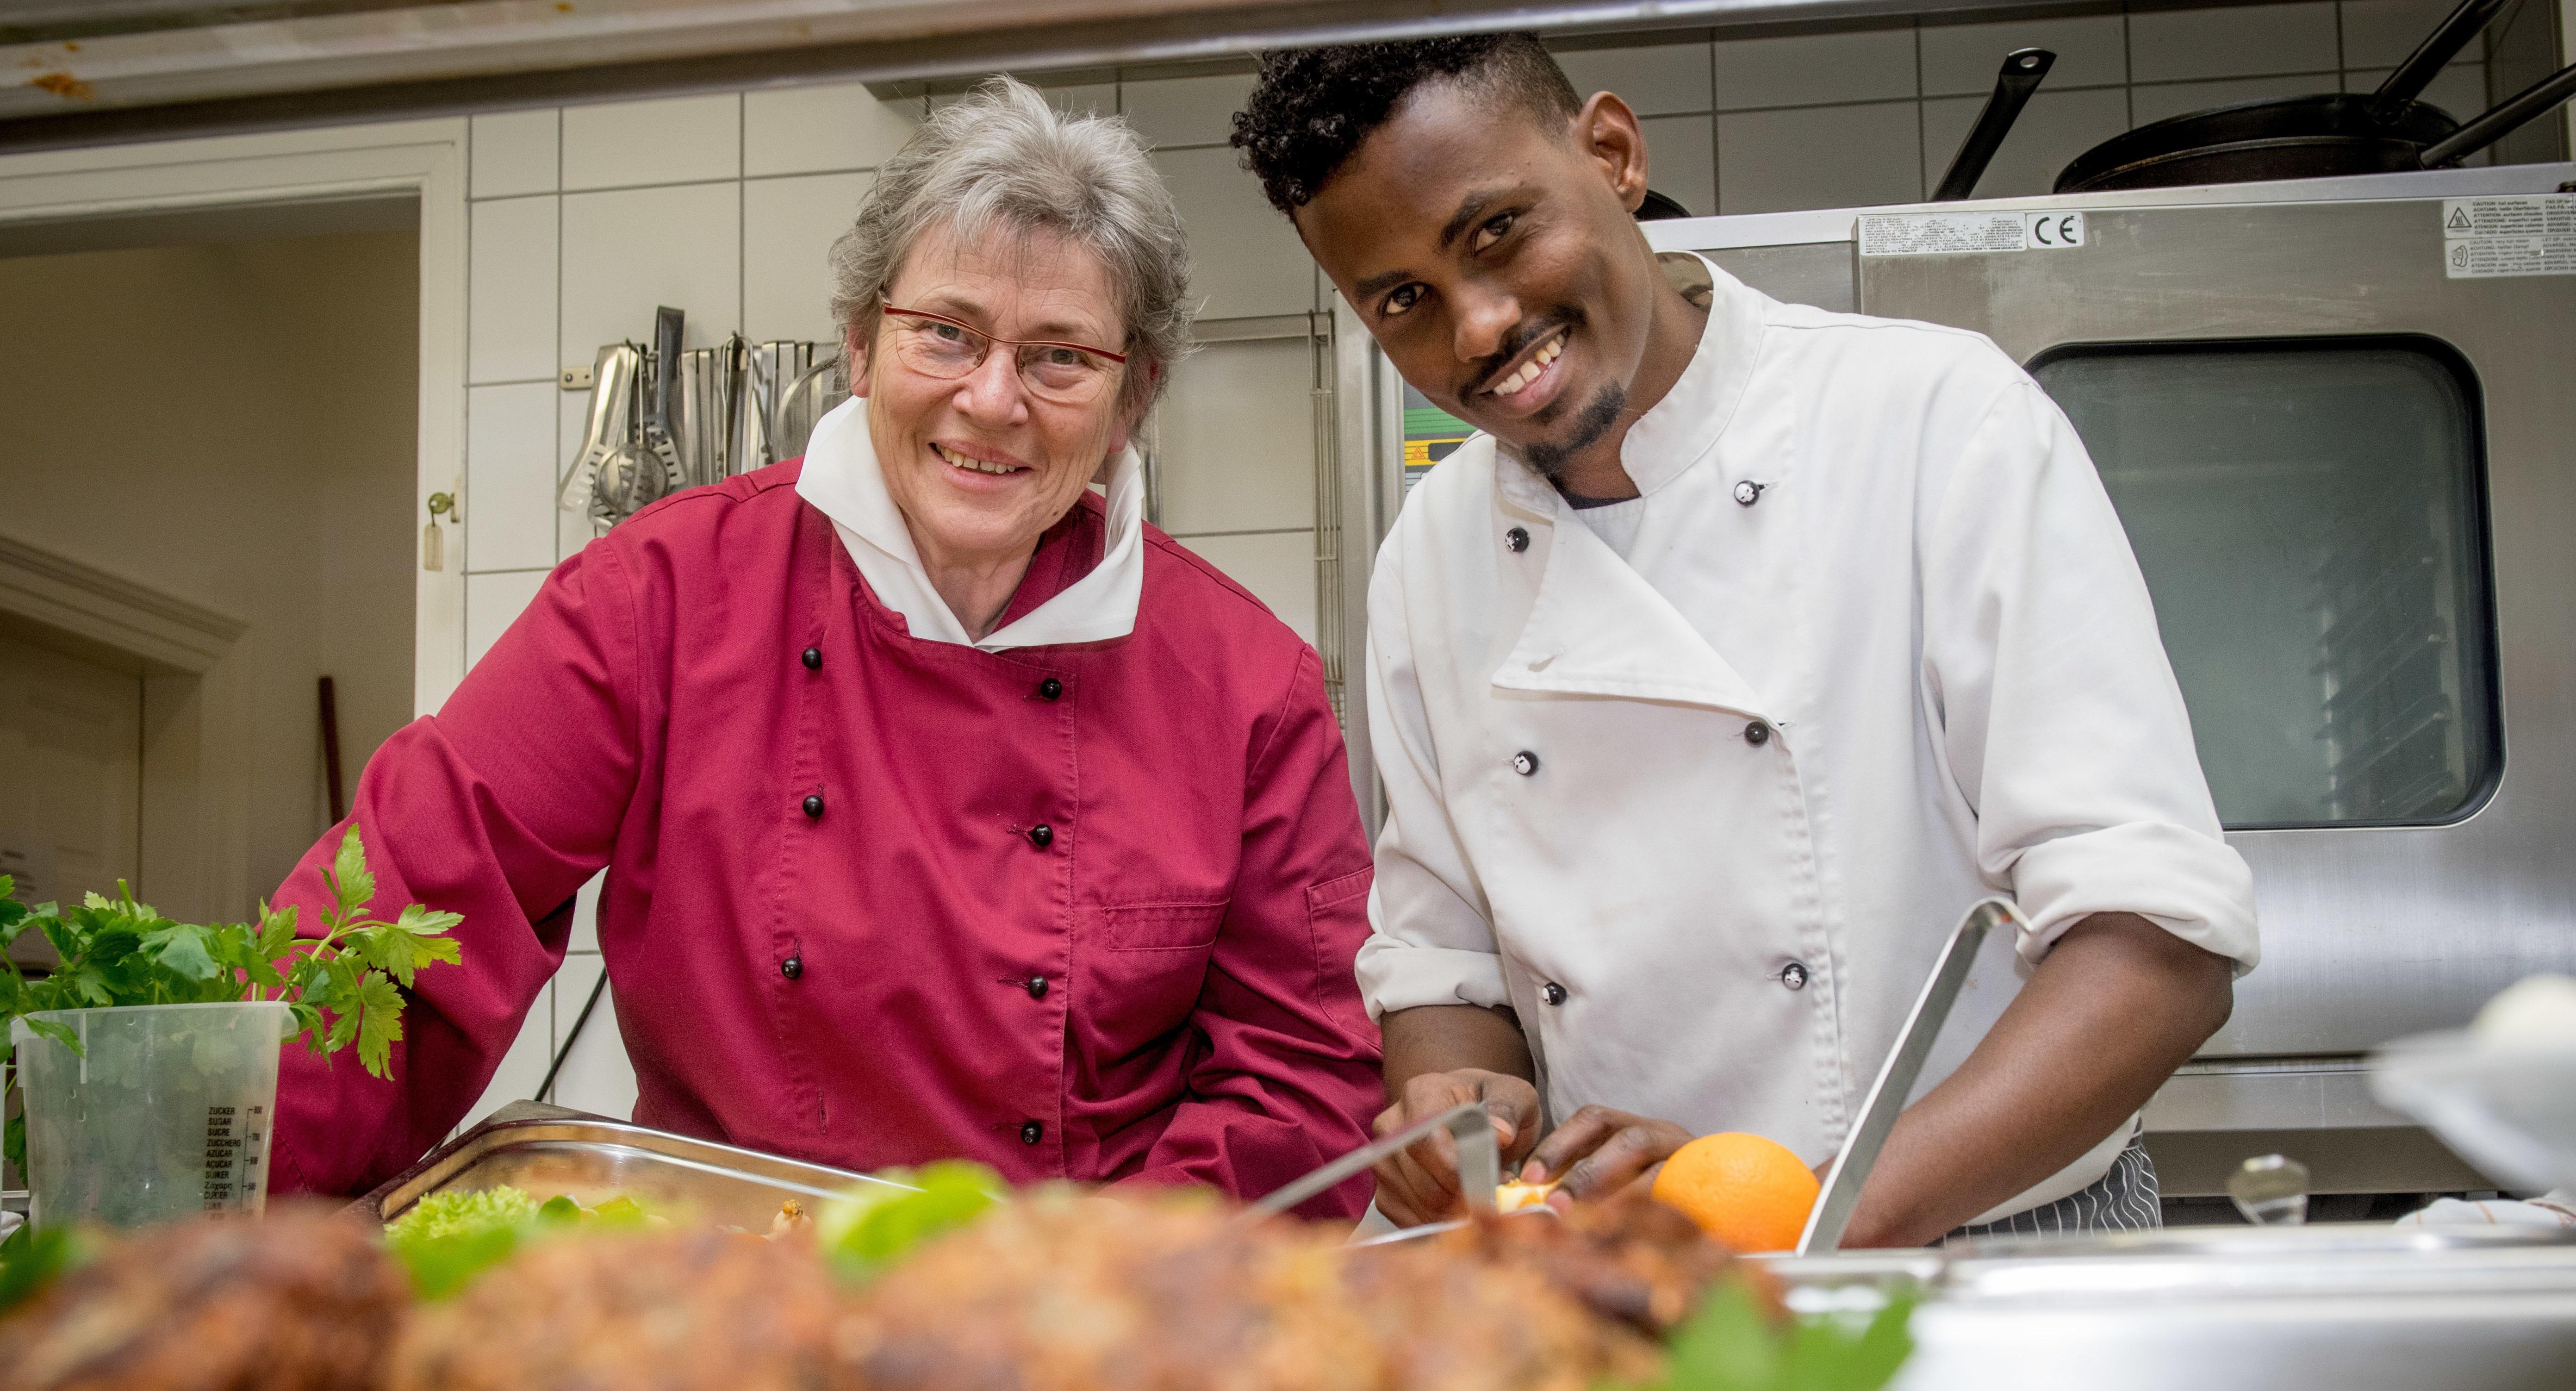 Ein Mann und eine Frau stehen in der Küche